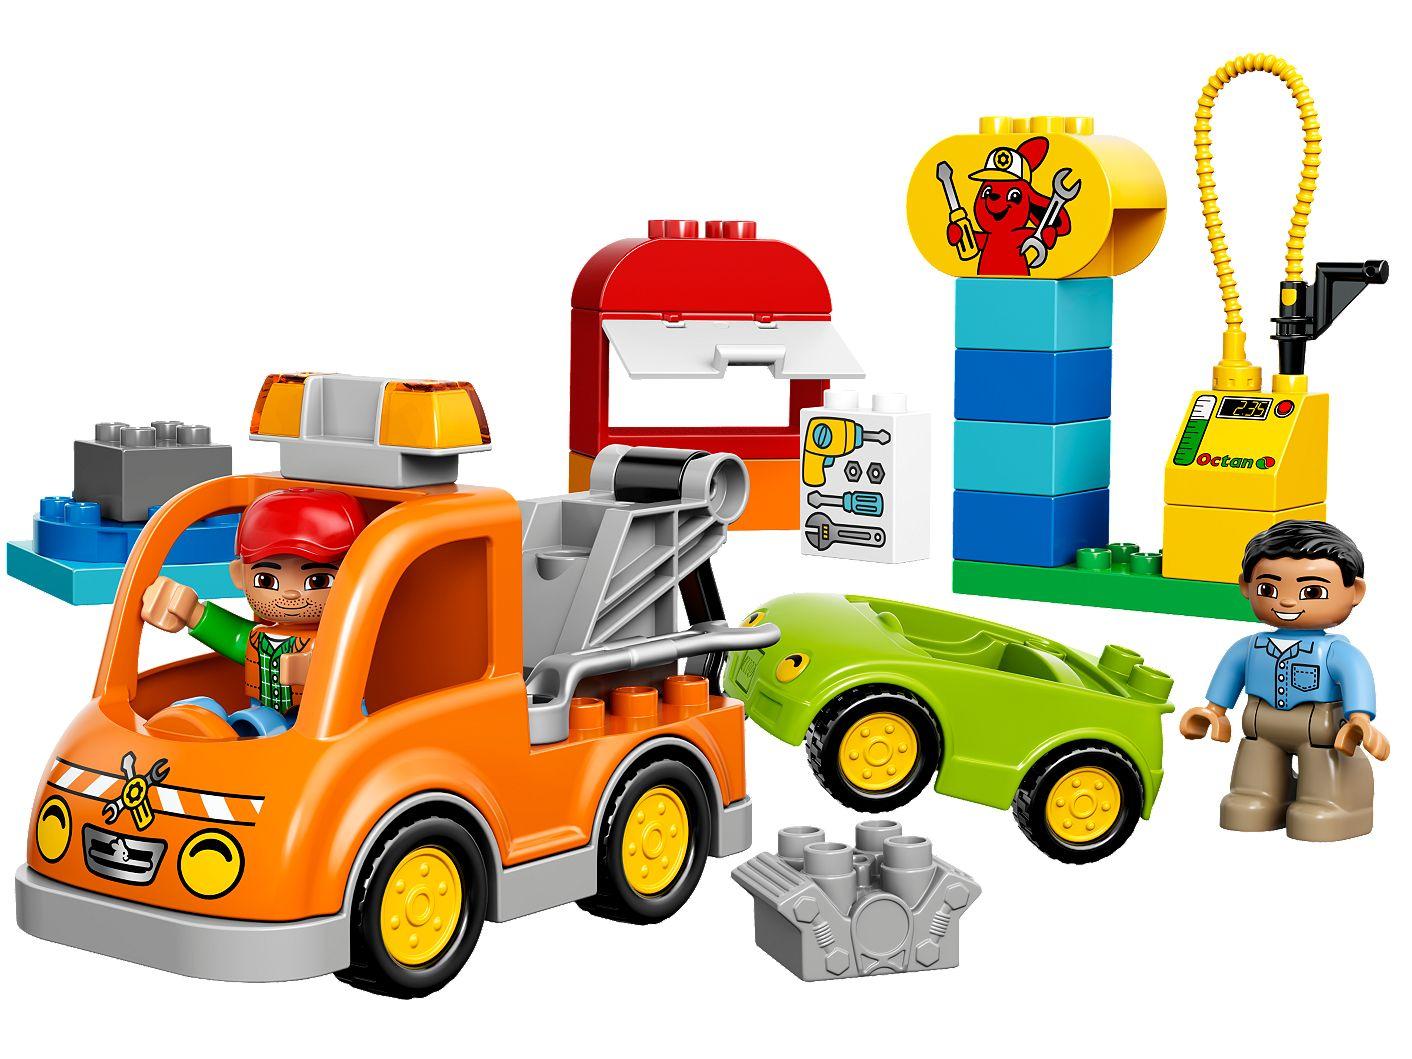 Wonderbaarlijk Tow Truck 10814 | DUPLO® | Buy online at the Official LEGO® Shop DE WR-46